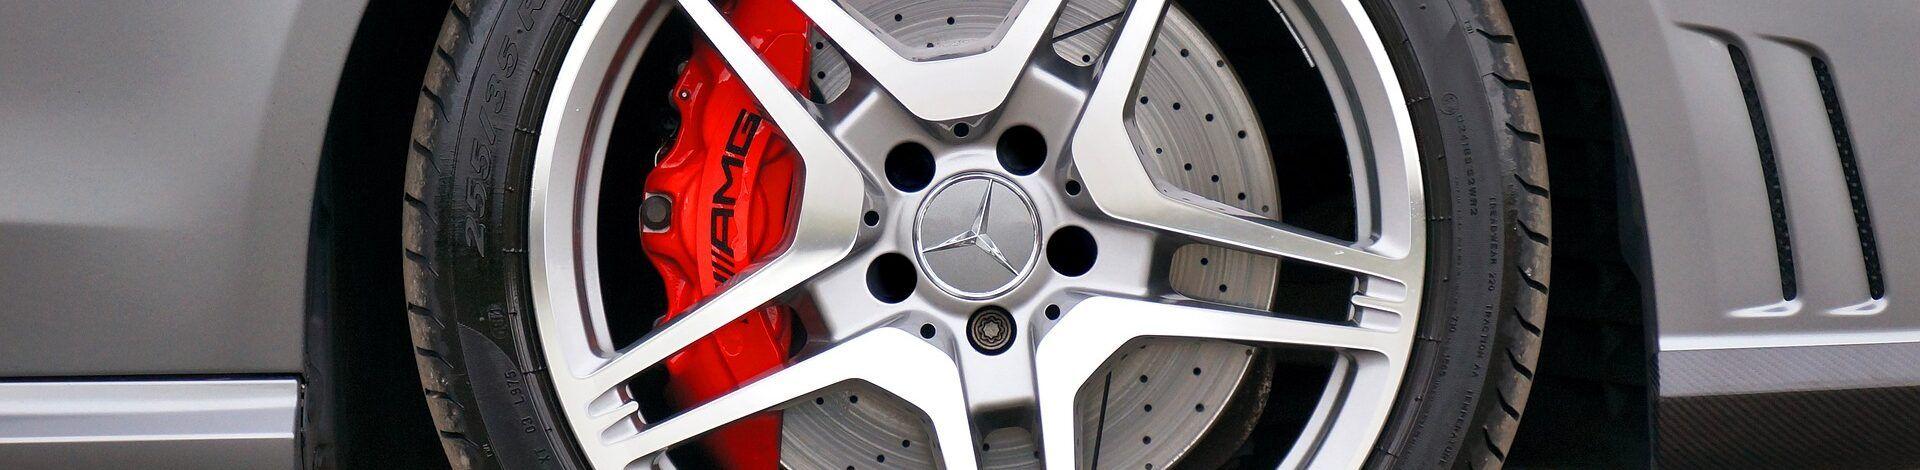 como equilibrar la rueda de un coche